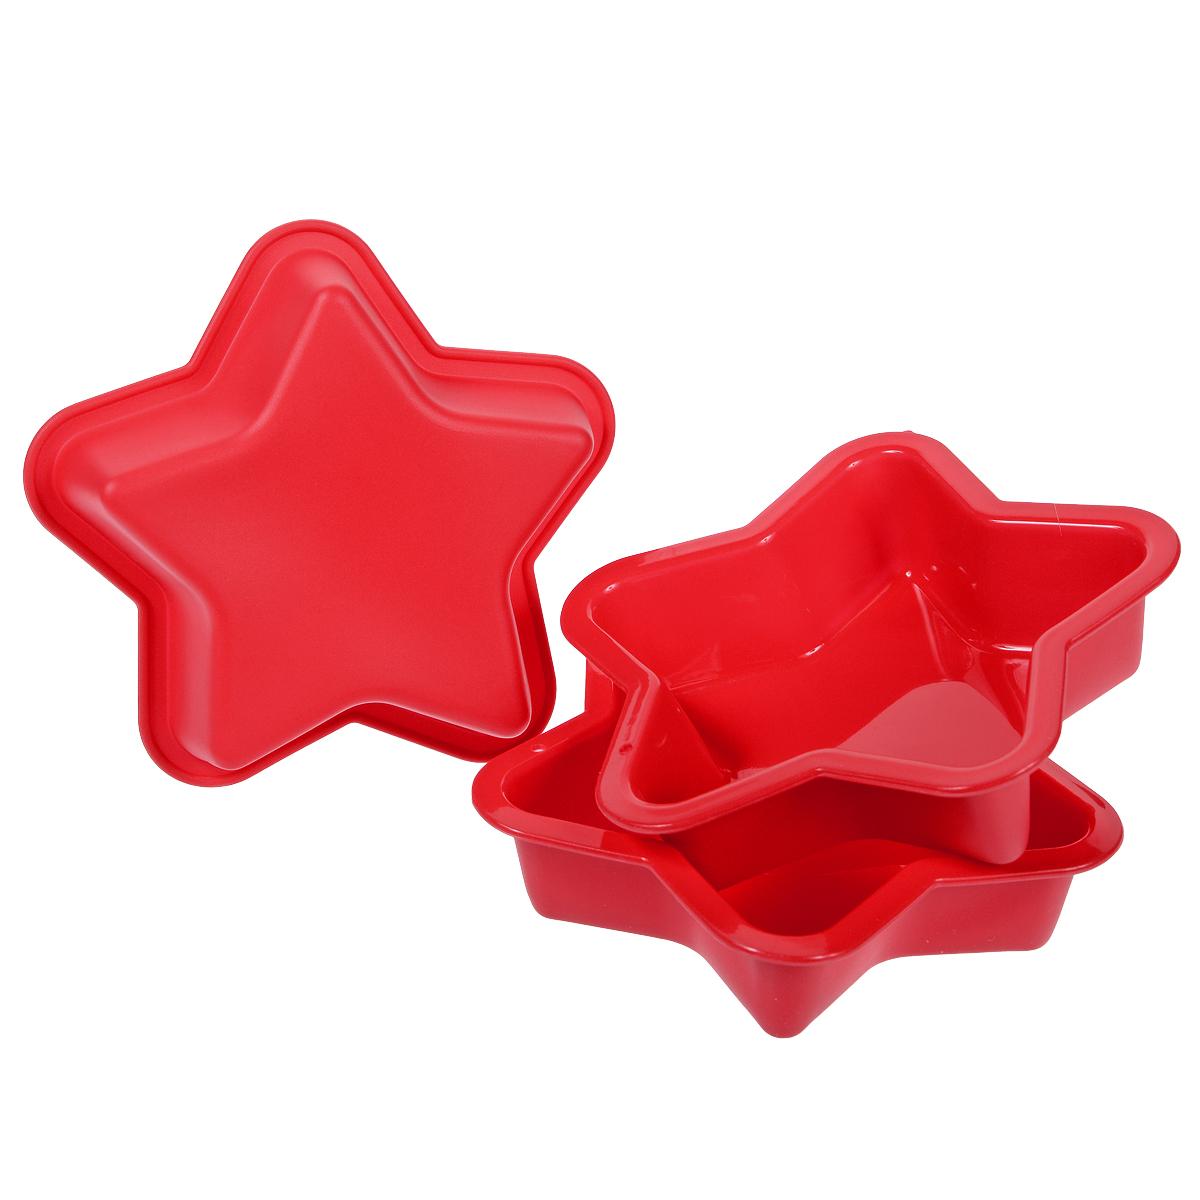 Набор форм для выпечки Звезда, цвет: красный, 3 шт3344Набор форм для выпечки Звезда состоит из трех форм, выполненных из силикона в виде звезд. Основные преимущества силиконовых форм заключаются в том, что их можно использовать при очень высоких температурах, пища в них не пригорает и легко вынимается; после использования такие формочки очень легко мыть. Специальная форма изделий идеальна для приготовления кексов и пирожных. Такие формы также можно использовать для заморозки.